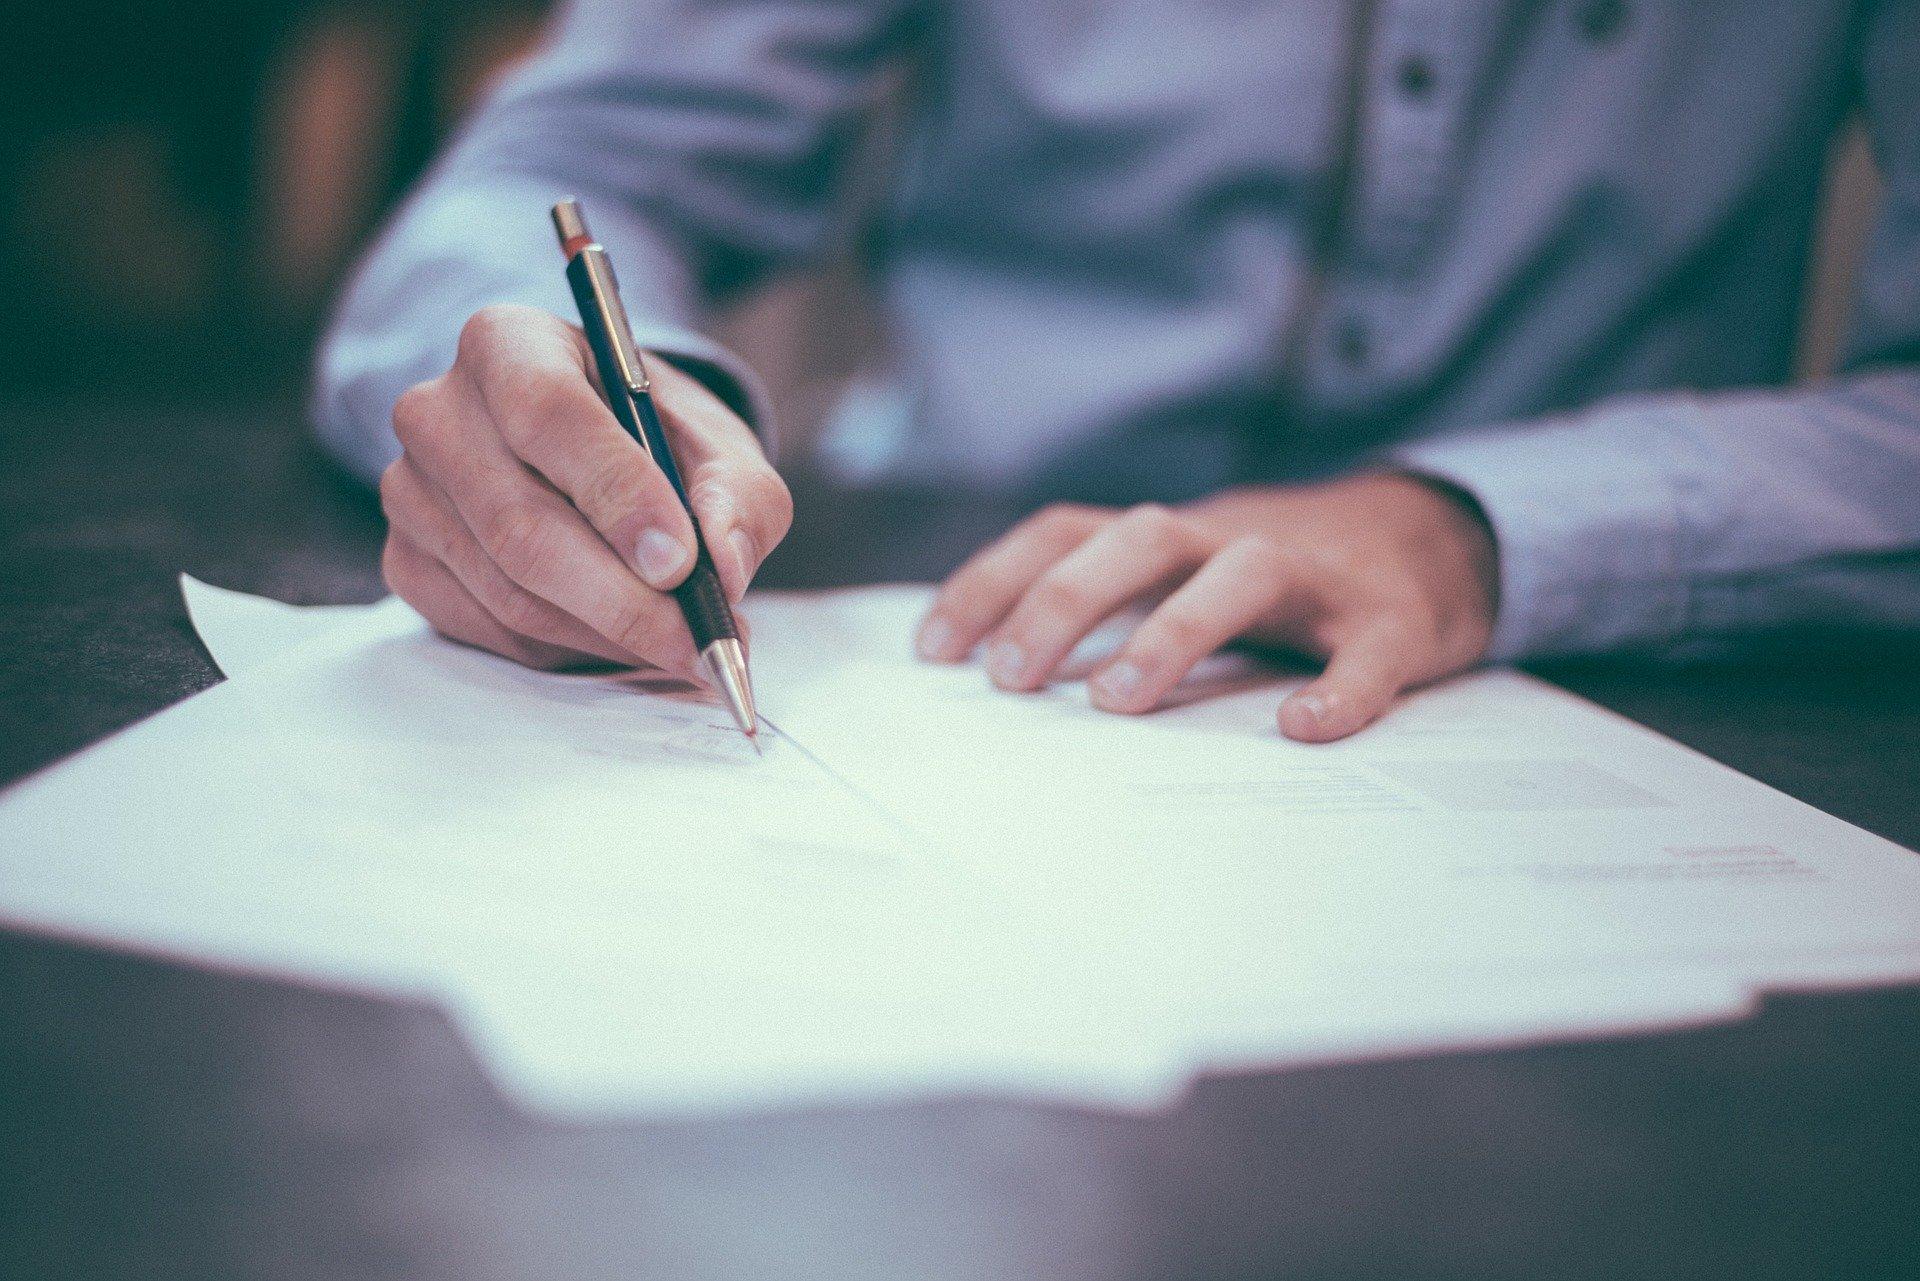 Signature d'une formalité administrative